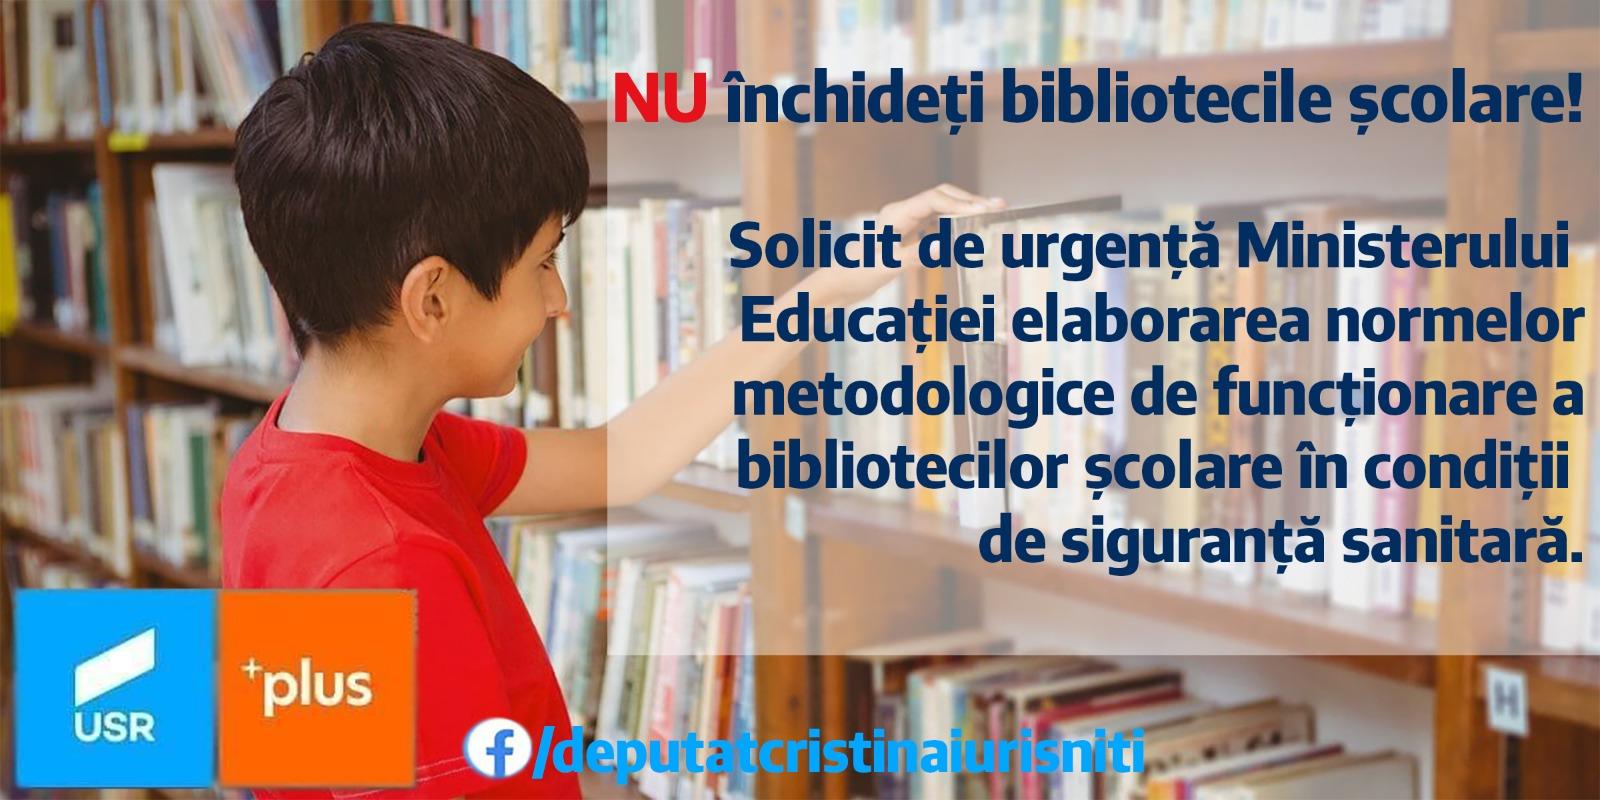 NU închideți bibliotecile școlare! Dreptul constituțional la informare și educație al copiilor noștri precum  și drepturile bibliotecarilor școlari nu pot fi încălcate de Ministerul Educației